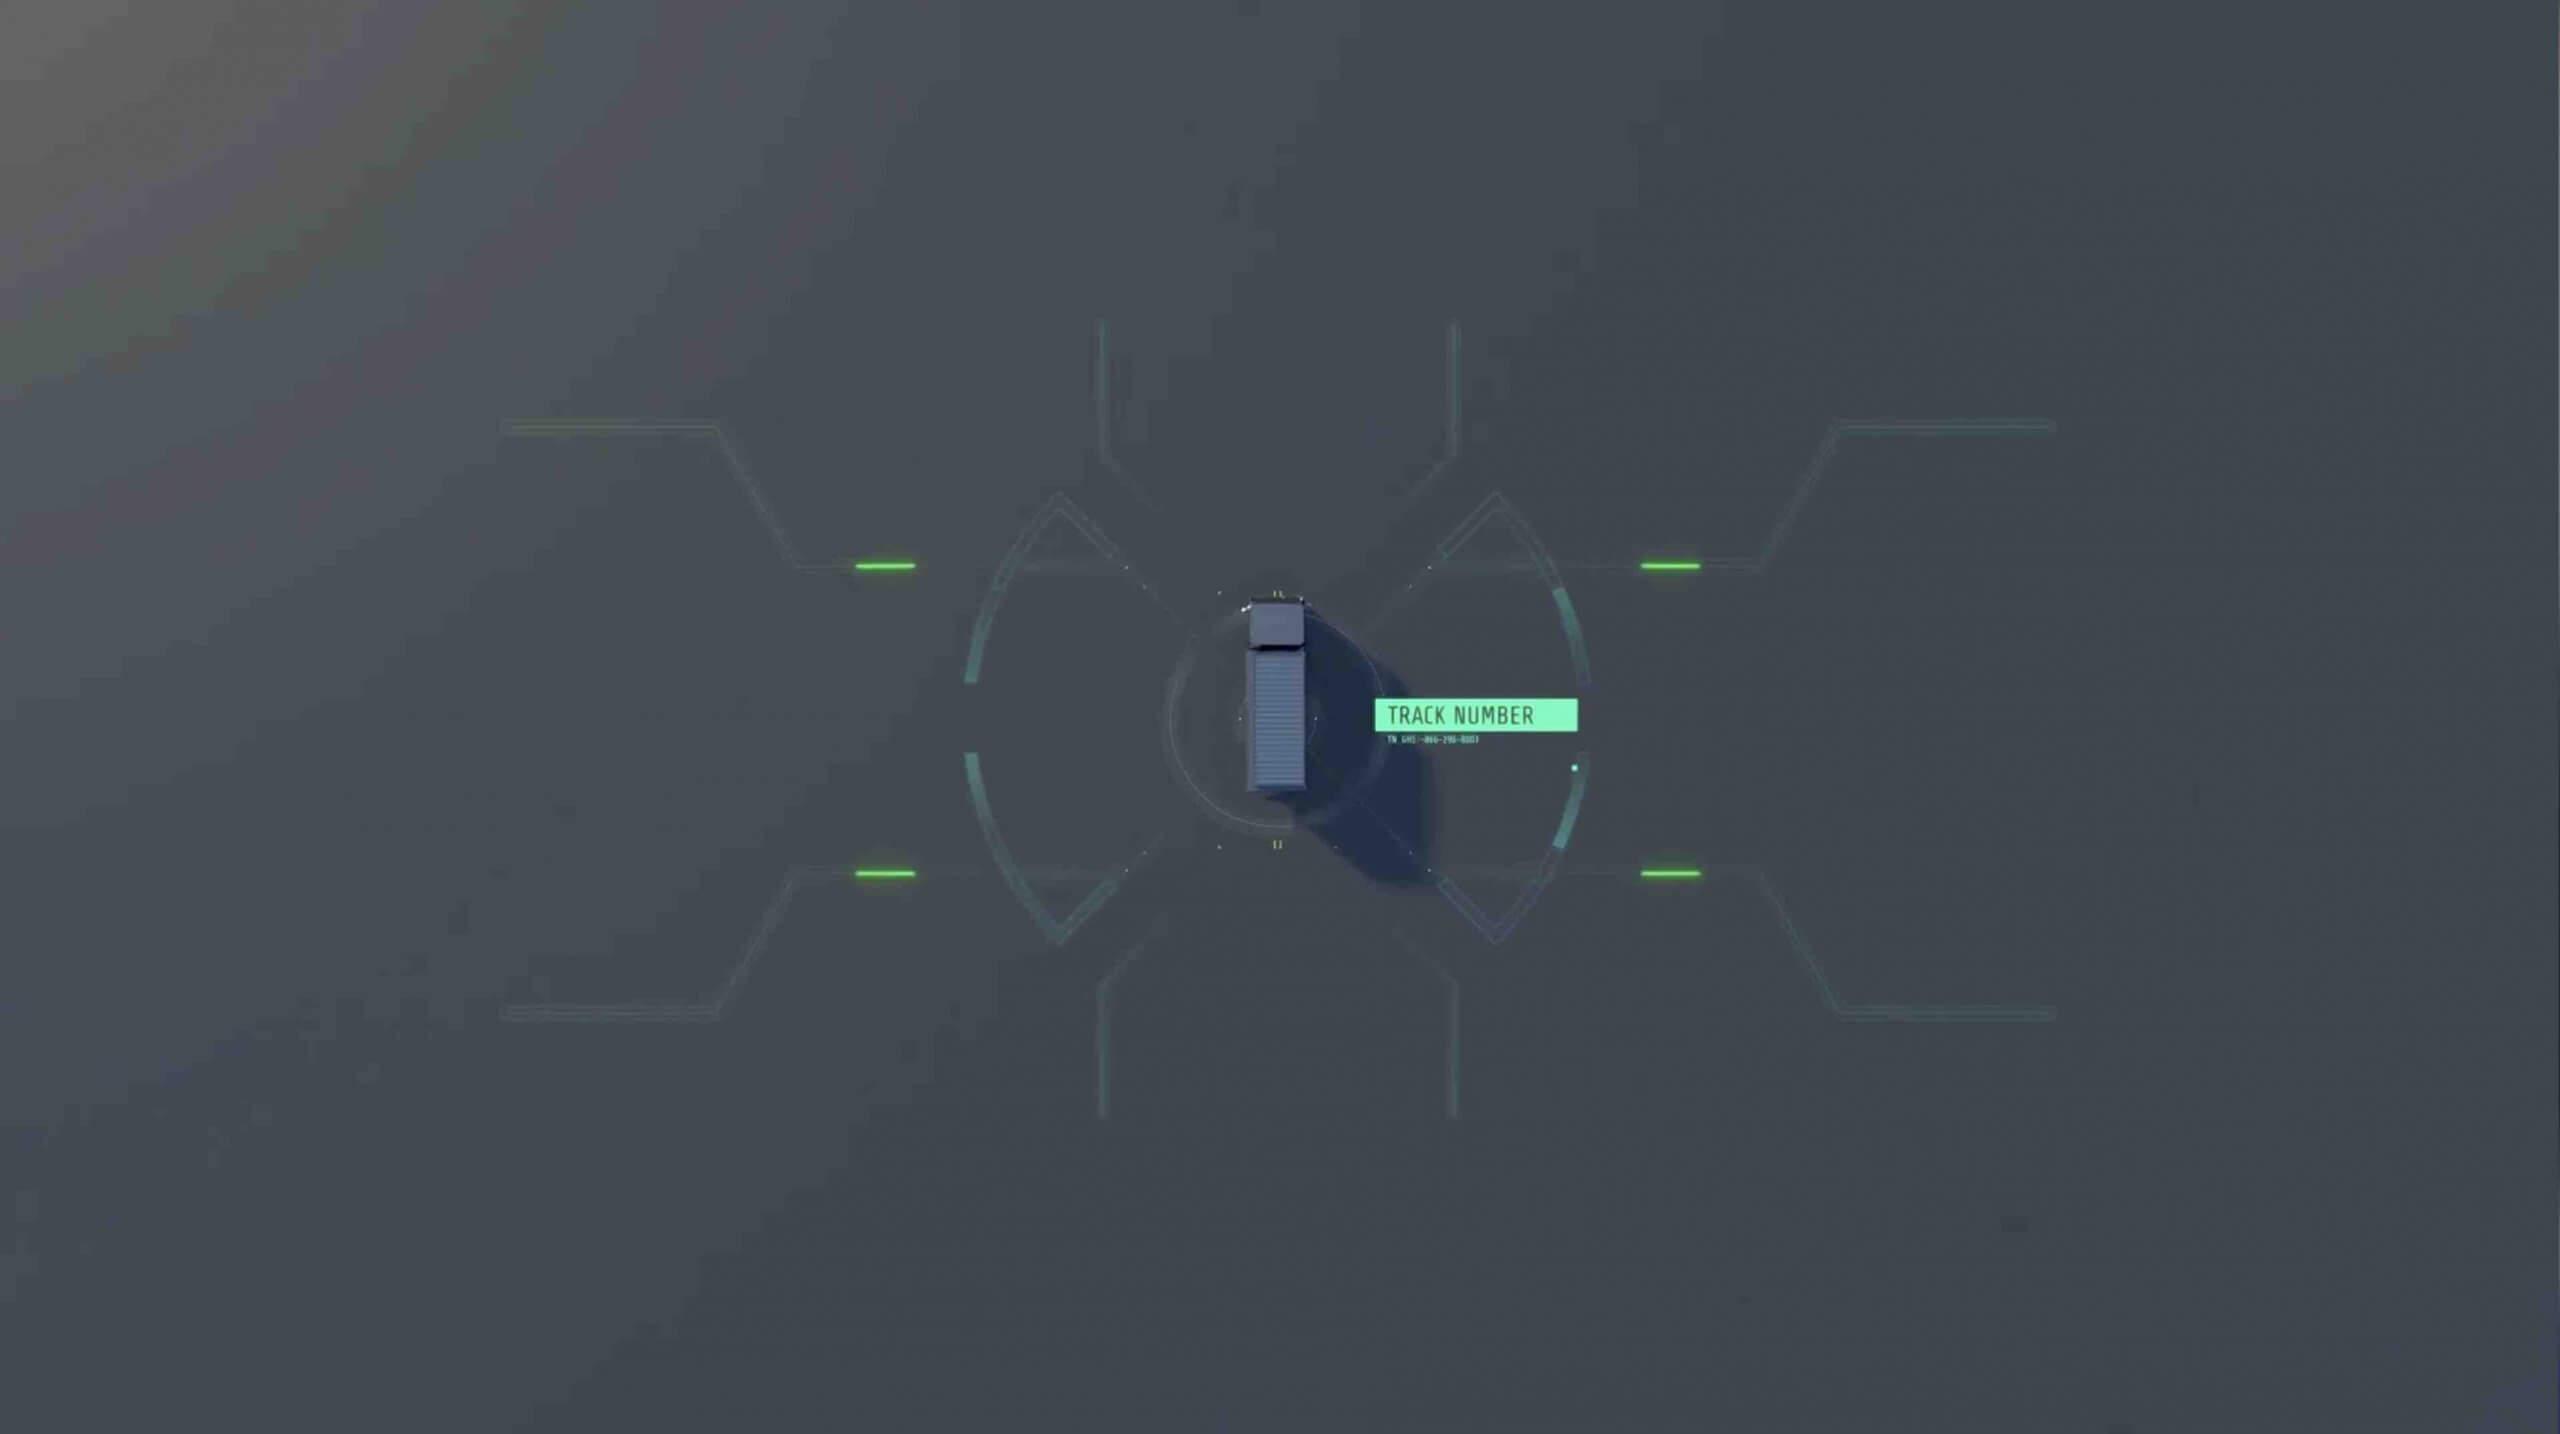 AE模板-运输/集装箱运输/卡车运输/ HUD UI插图1